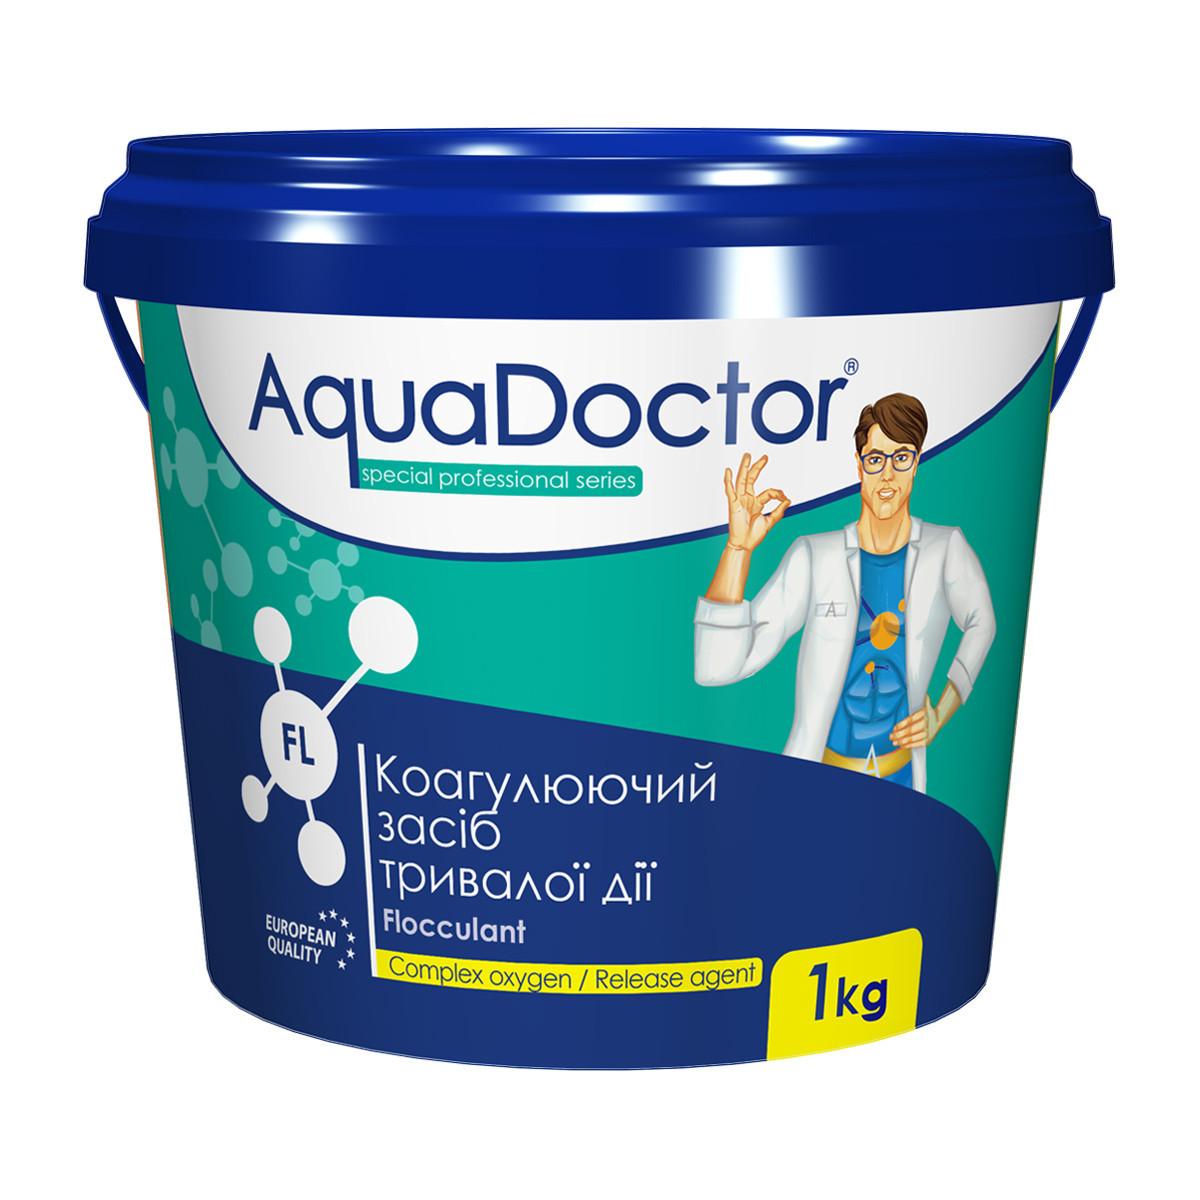 Коагулирующее средство в гранулах AquaDoctor FL 1 кг. Средство против мутности и для осветления воды бассейна